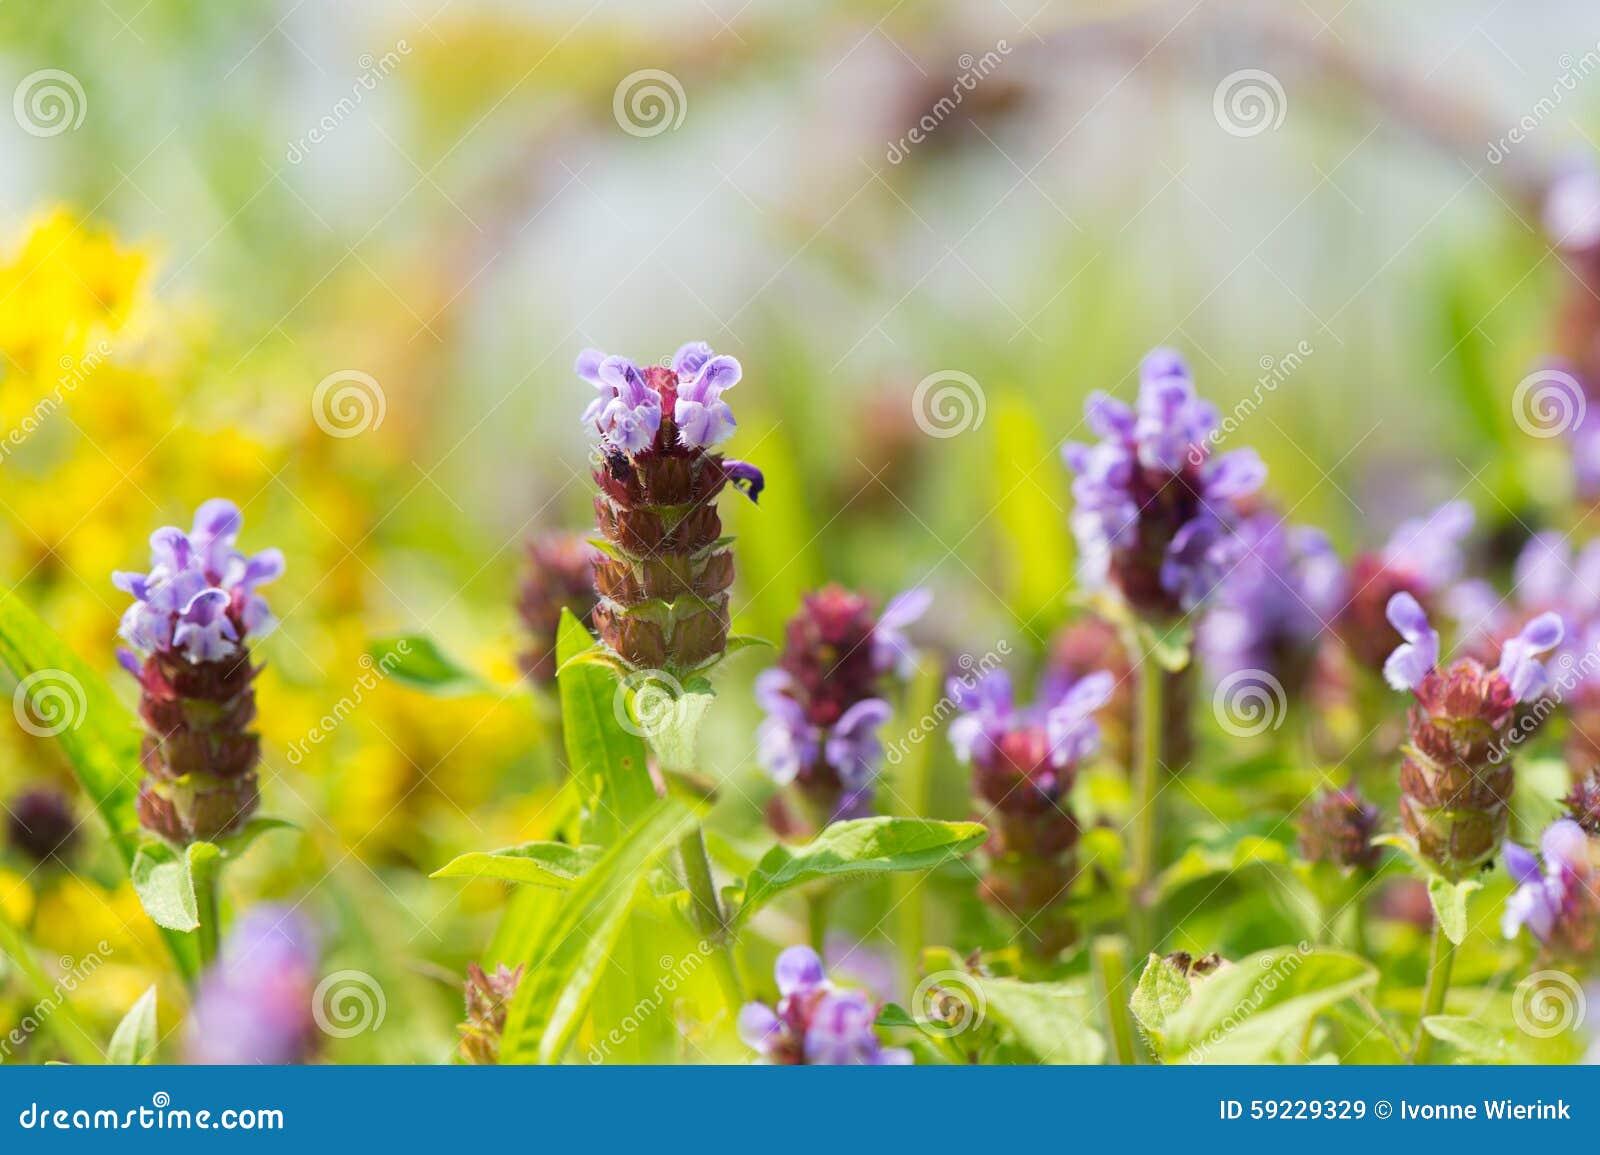 Download Tyme salvaje imagen de archivo. Imagen de floración, lila - 59229329